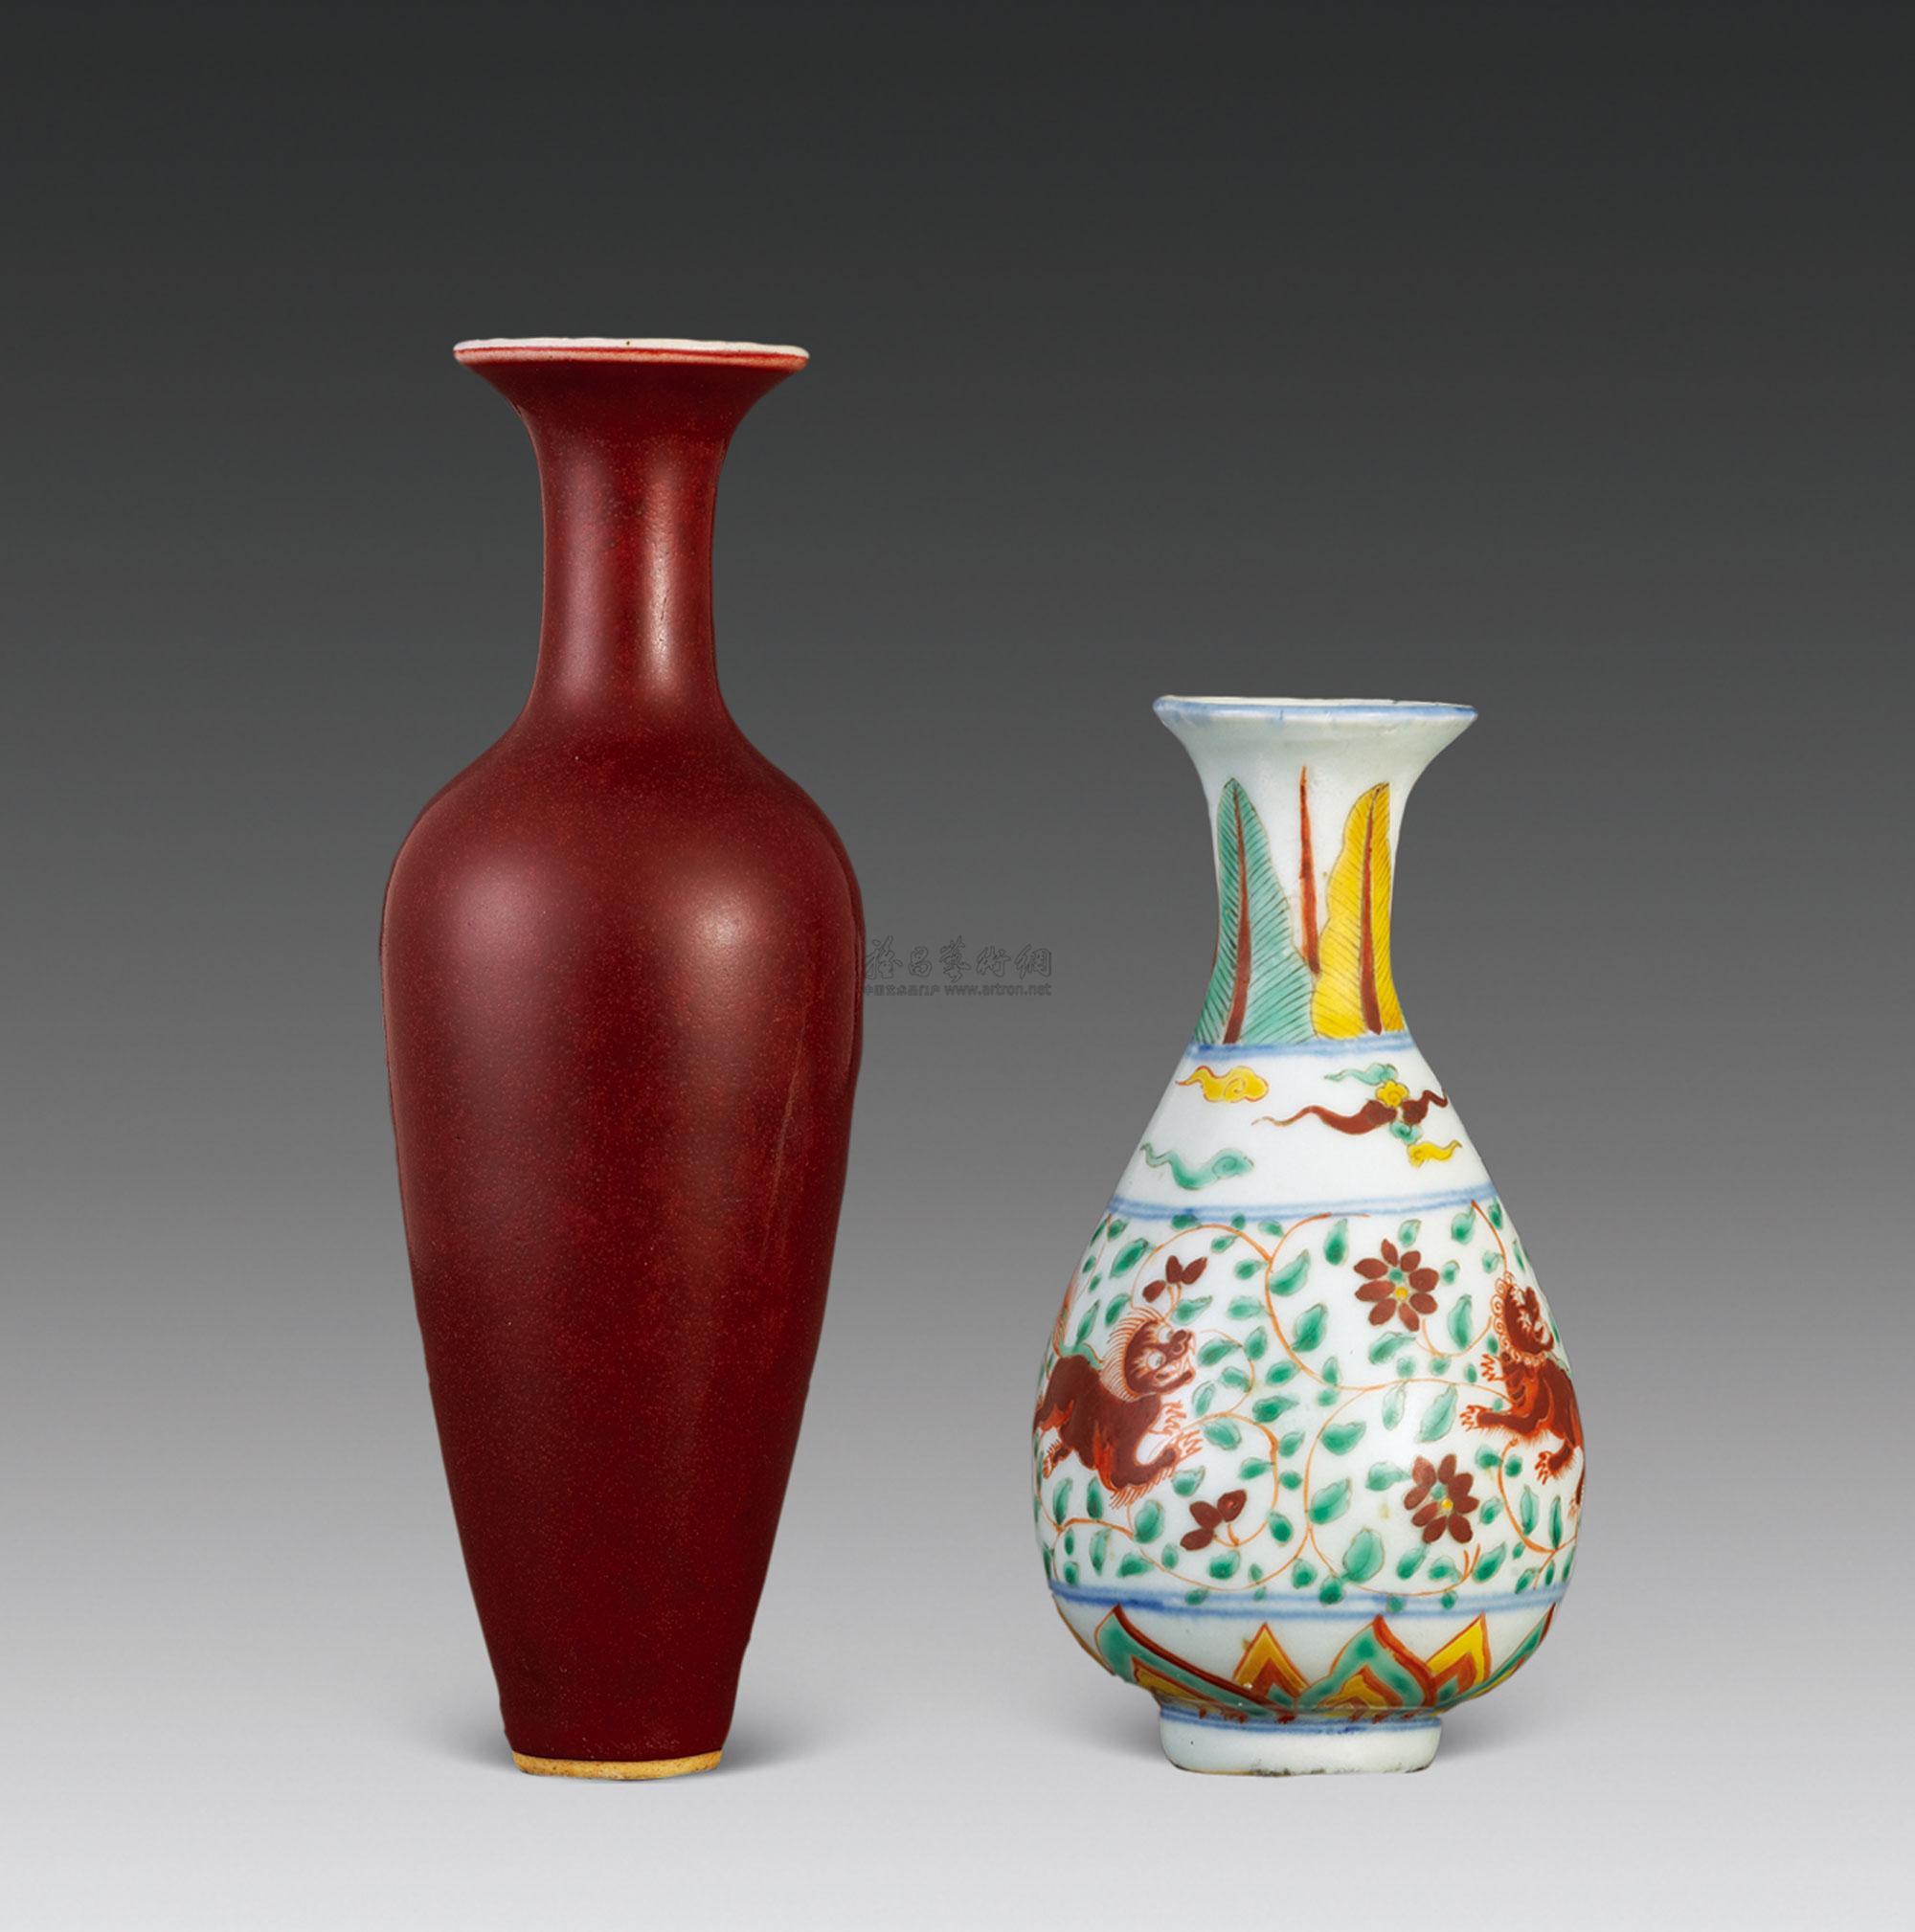 2546 五彩狮纹玉壶春 红釉柳叶瓶 (两件)图片